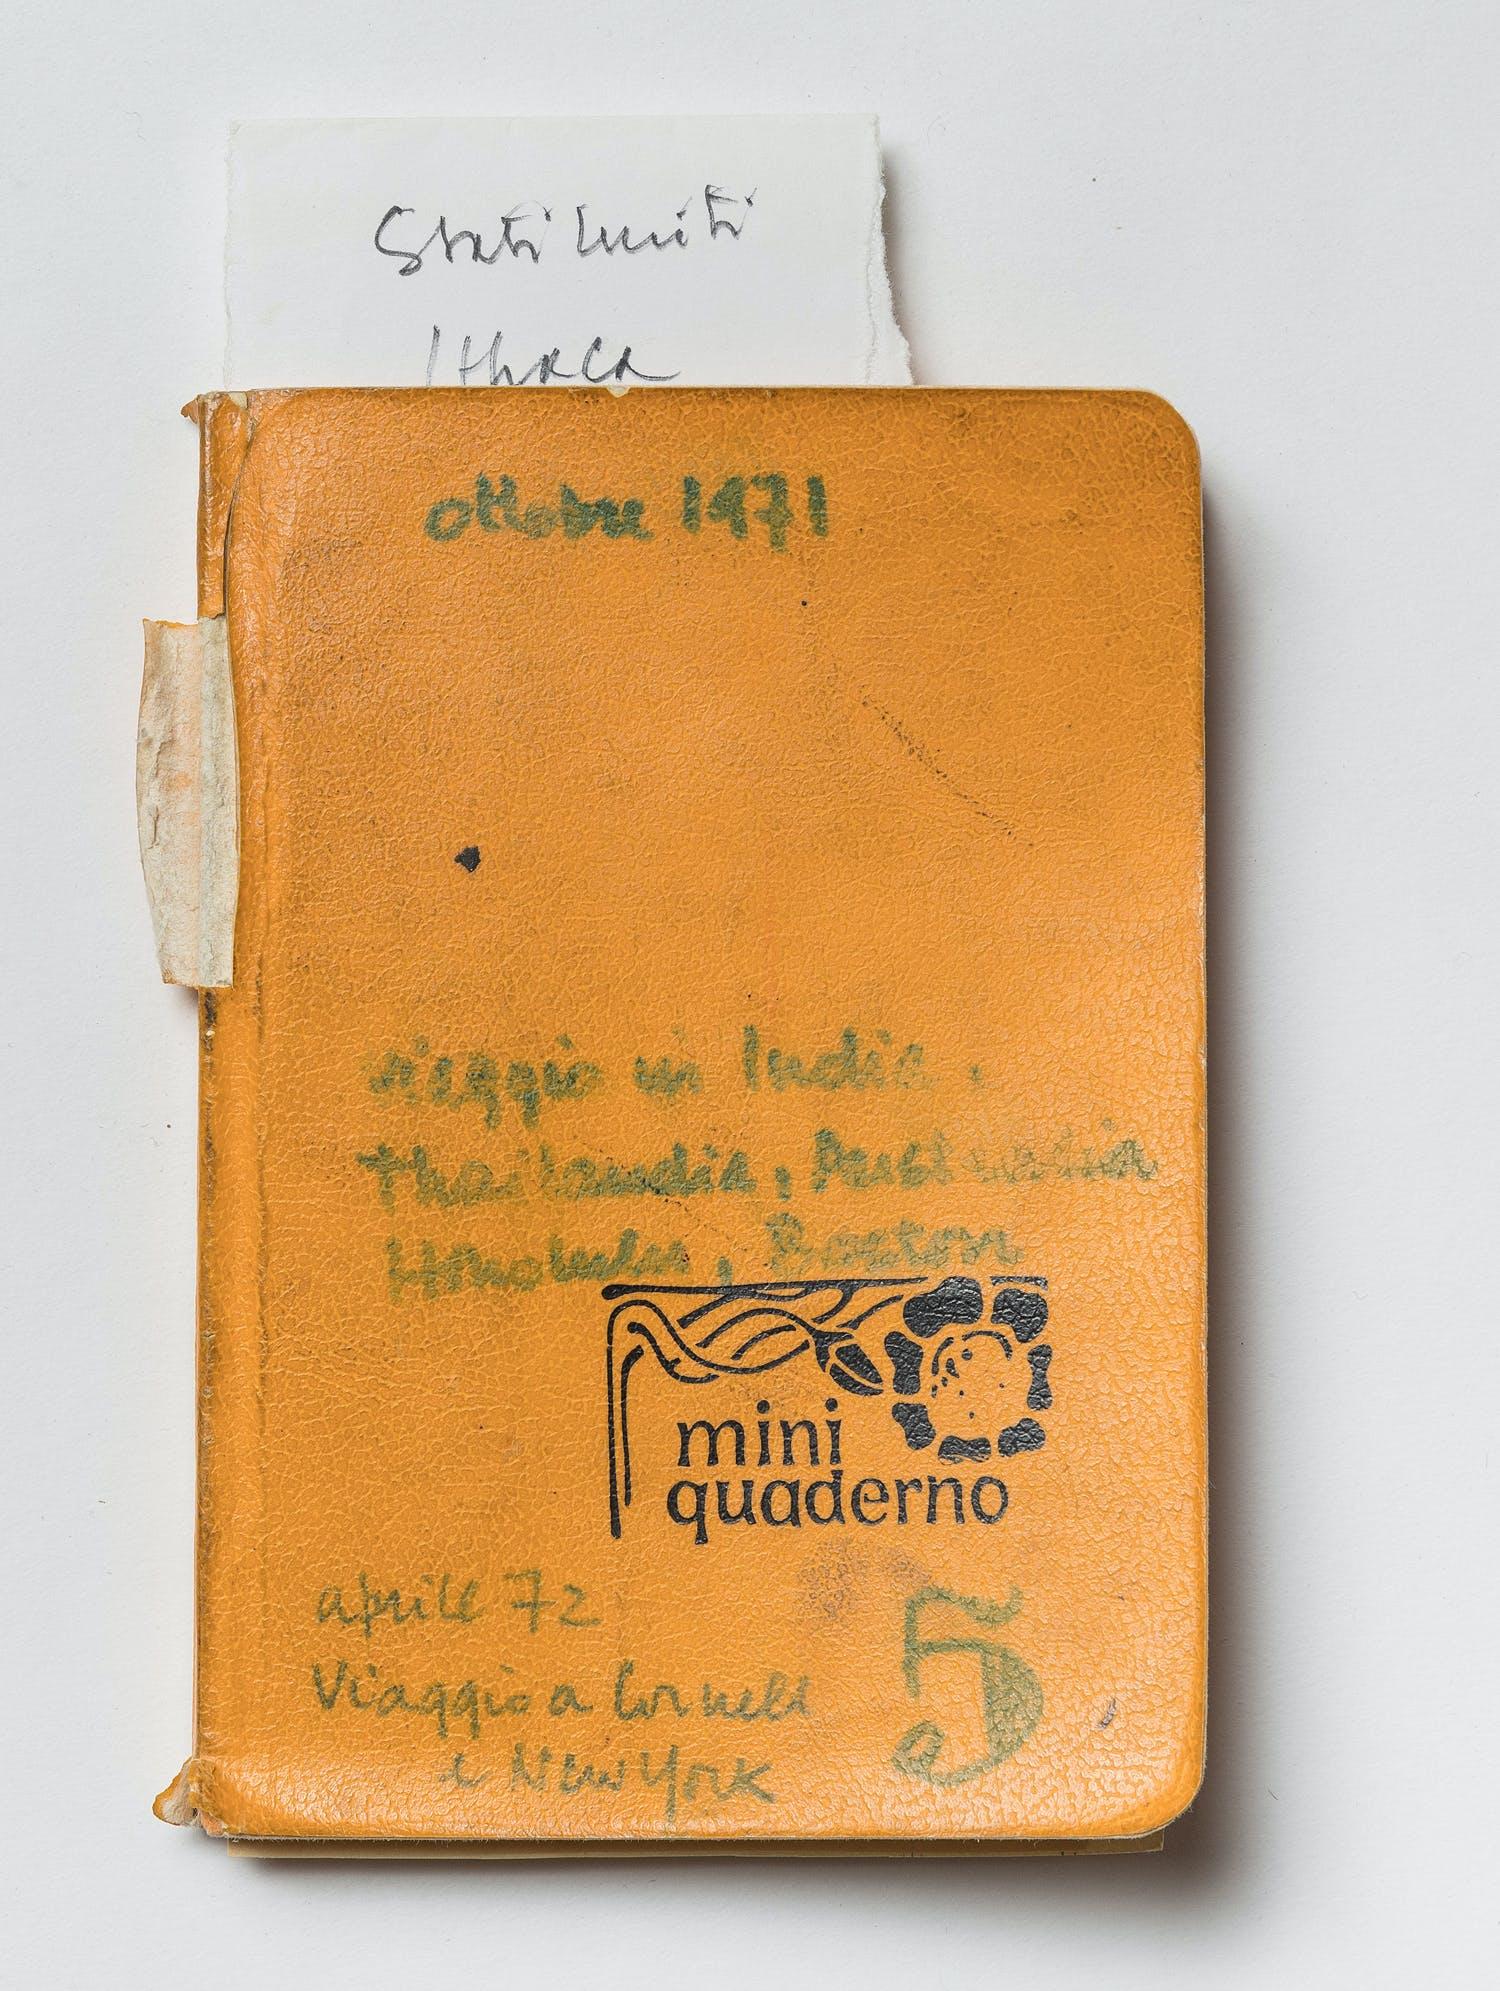 Diario cinque, Giancarlo De Carlo, 1971-1972, foto di Gianluca di Ioia